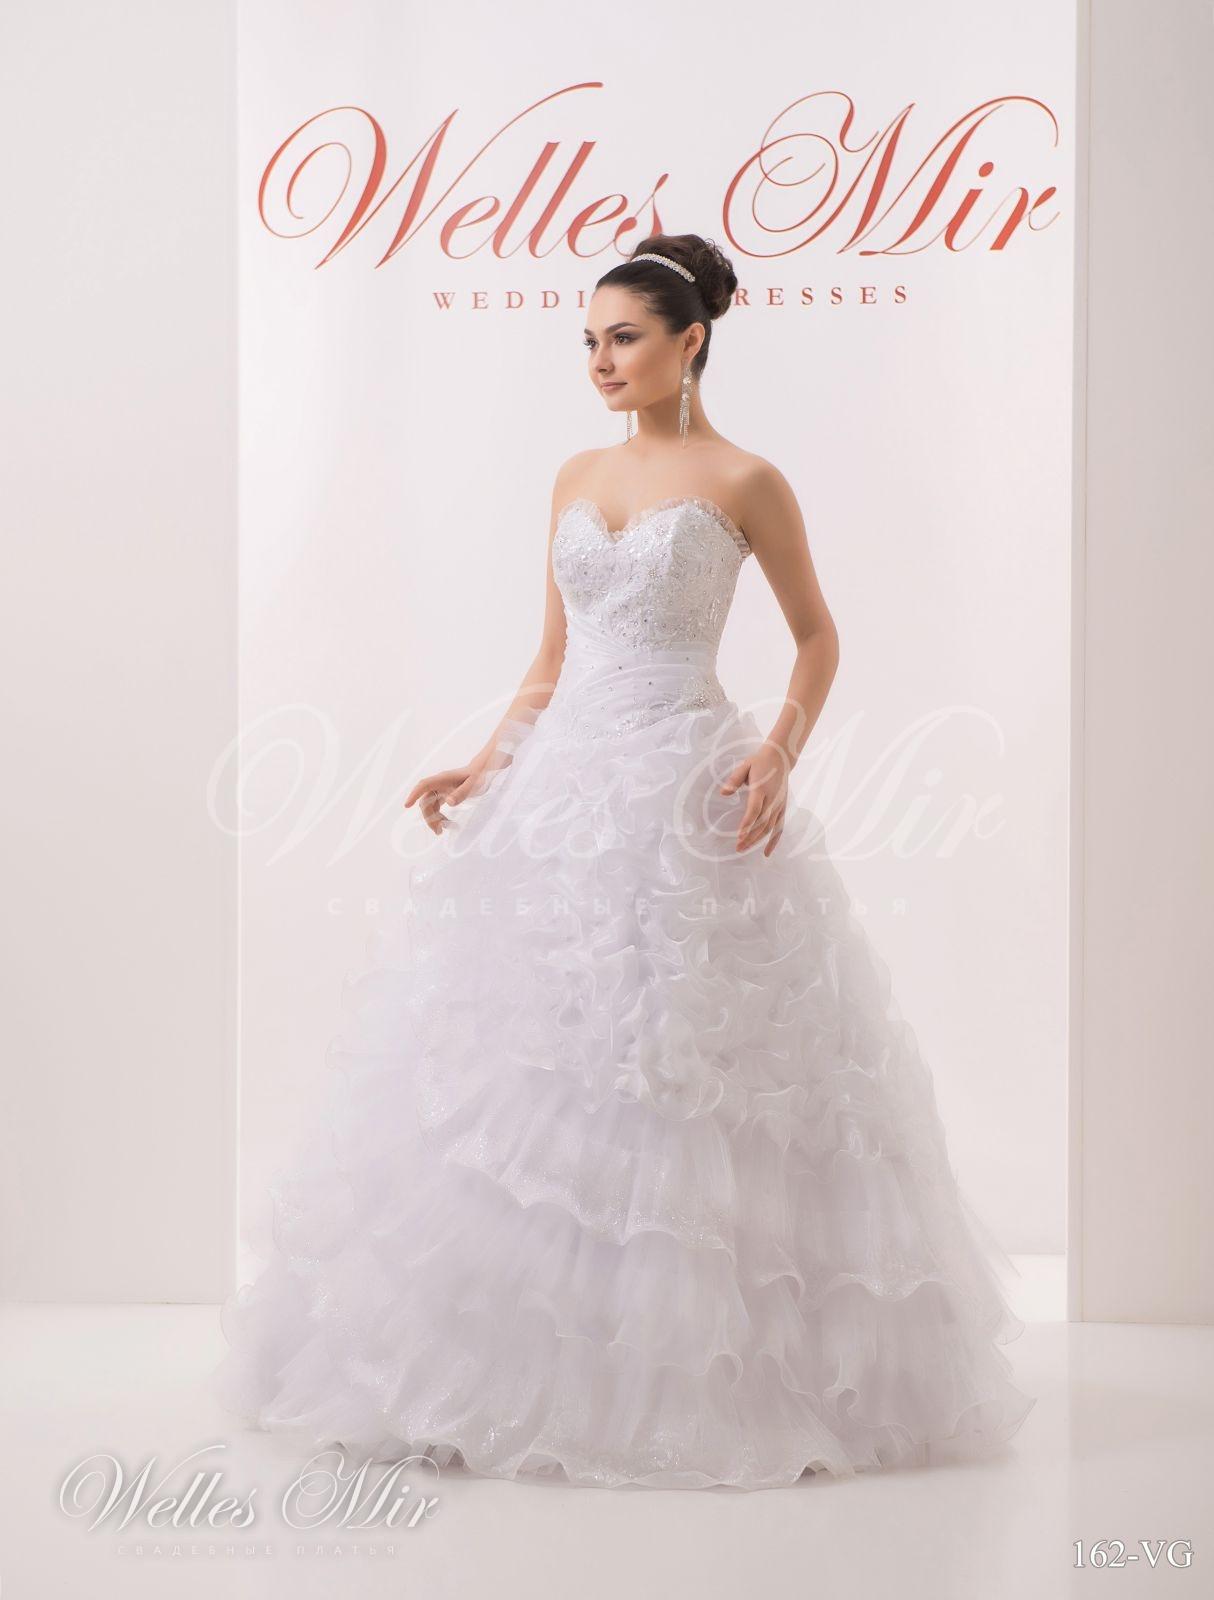 Свадебные платья Soft collection - 162-VG